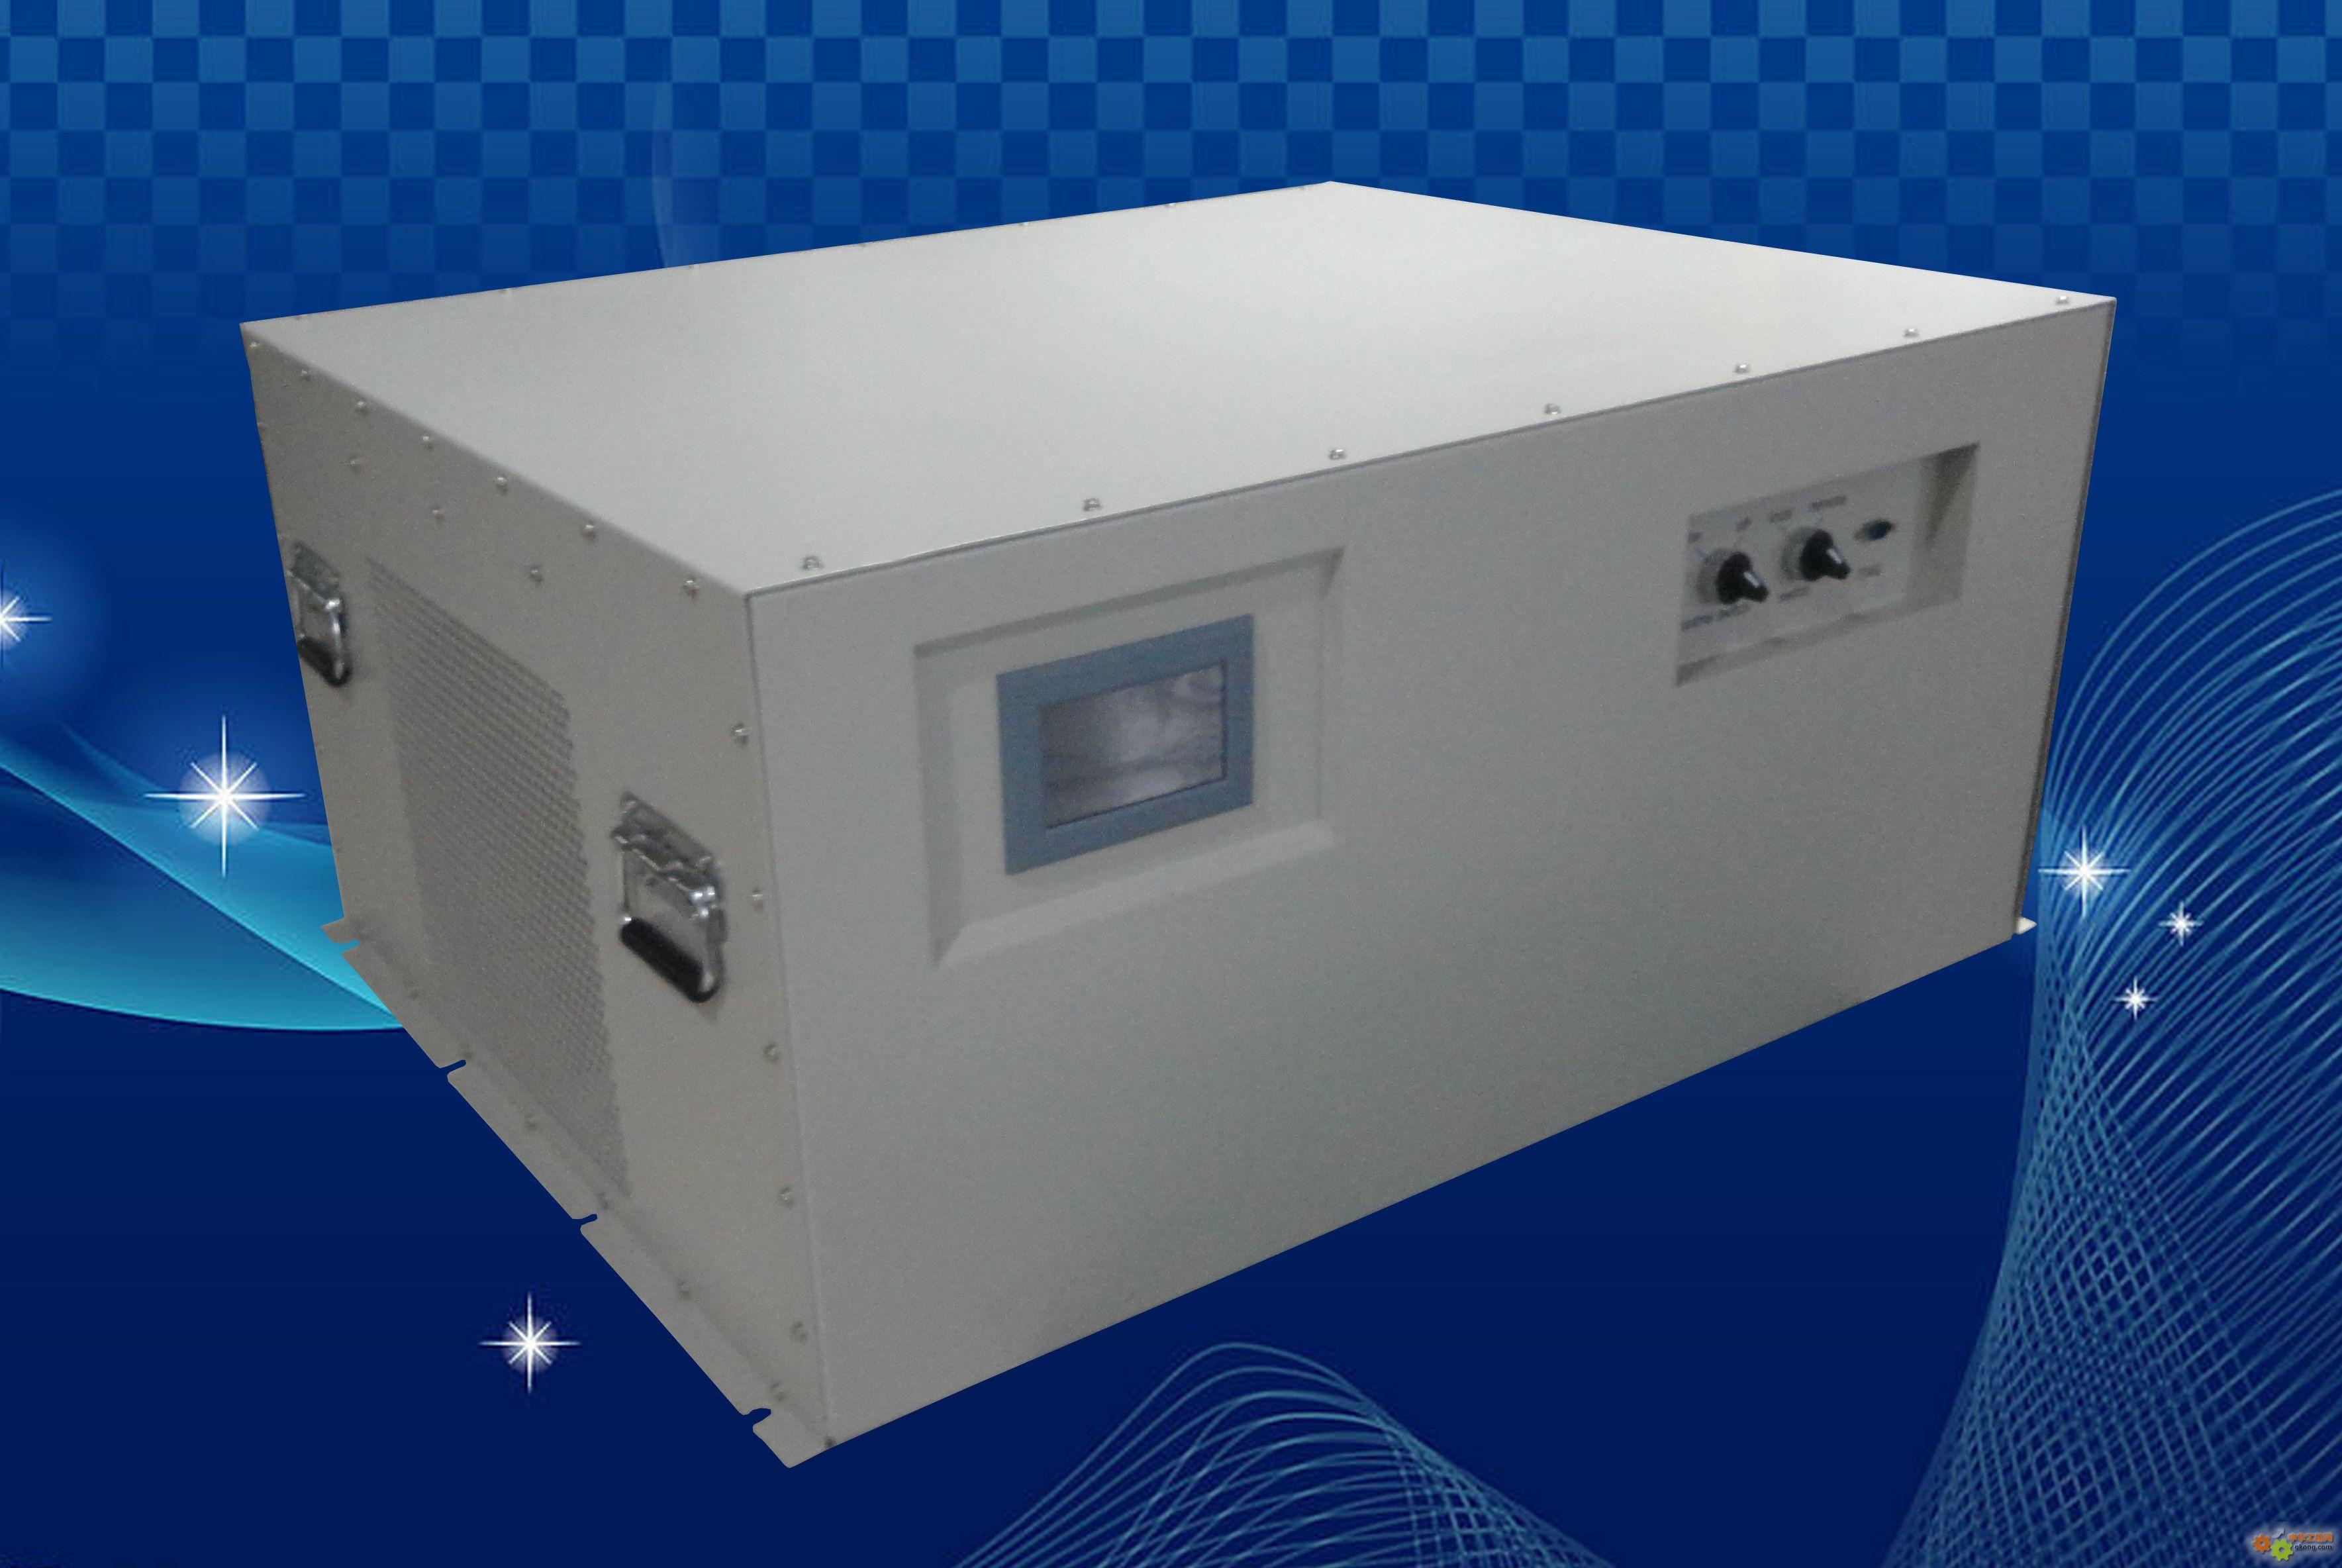 大功率可调式充电机、大功率充电机、可调充电机根据电池充电曲线设计,采用高频开关电源技术,整机体积小、重量轻、效率高,确保了长期满负荷运行的稳定、可靠性,符合电磁兼容(EMC)标准。本充电机专门为不同电压、容量的电池组设计,充电状态通过LED数显表头显示。用户在使用时,根据电池组的电压和容量,可通过电位器调节充电所需的电压和电流。 大功率可调式充电机具有过压保护、过流保护、短路保护,过热保护,过充电保护等功能,主要应用于不同电压、容量的电池组充电,如电池的初充电、汽修厂、UPS 厂家及电瓶厂极板的充电。 大